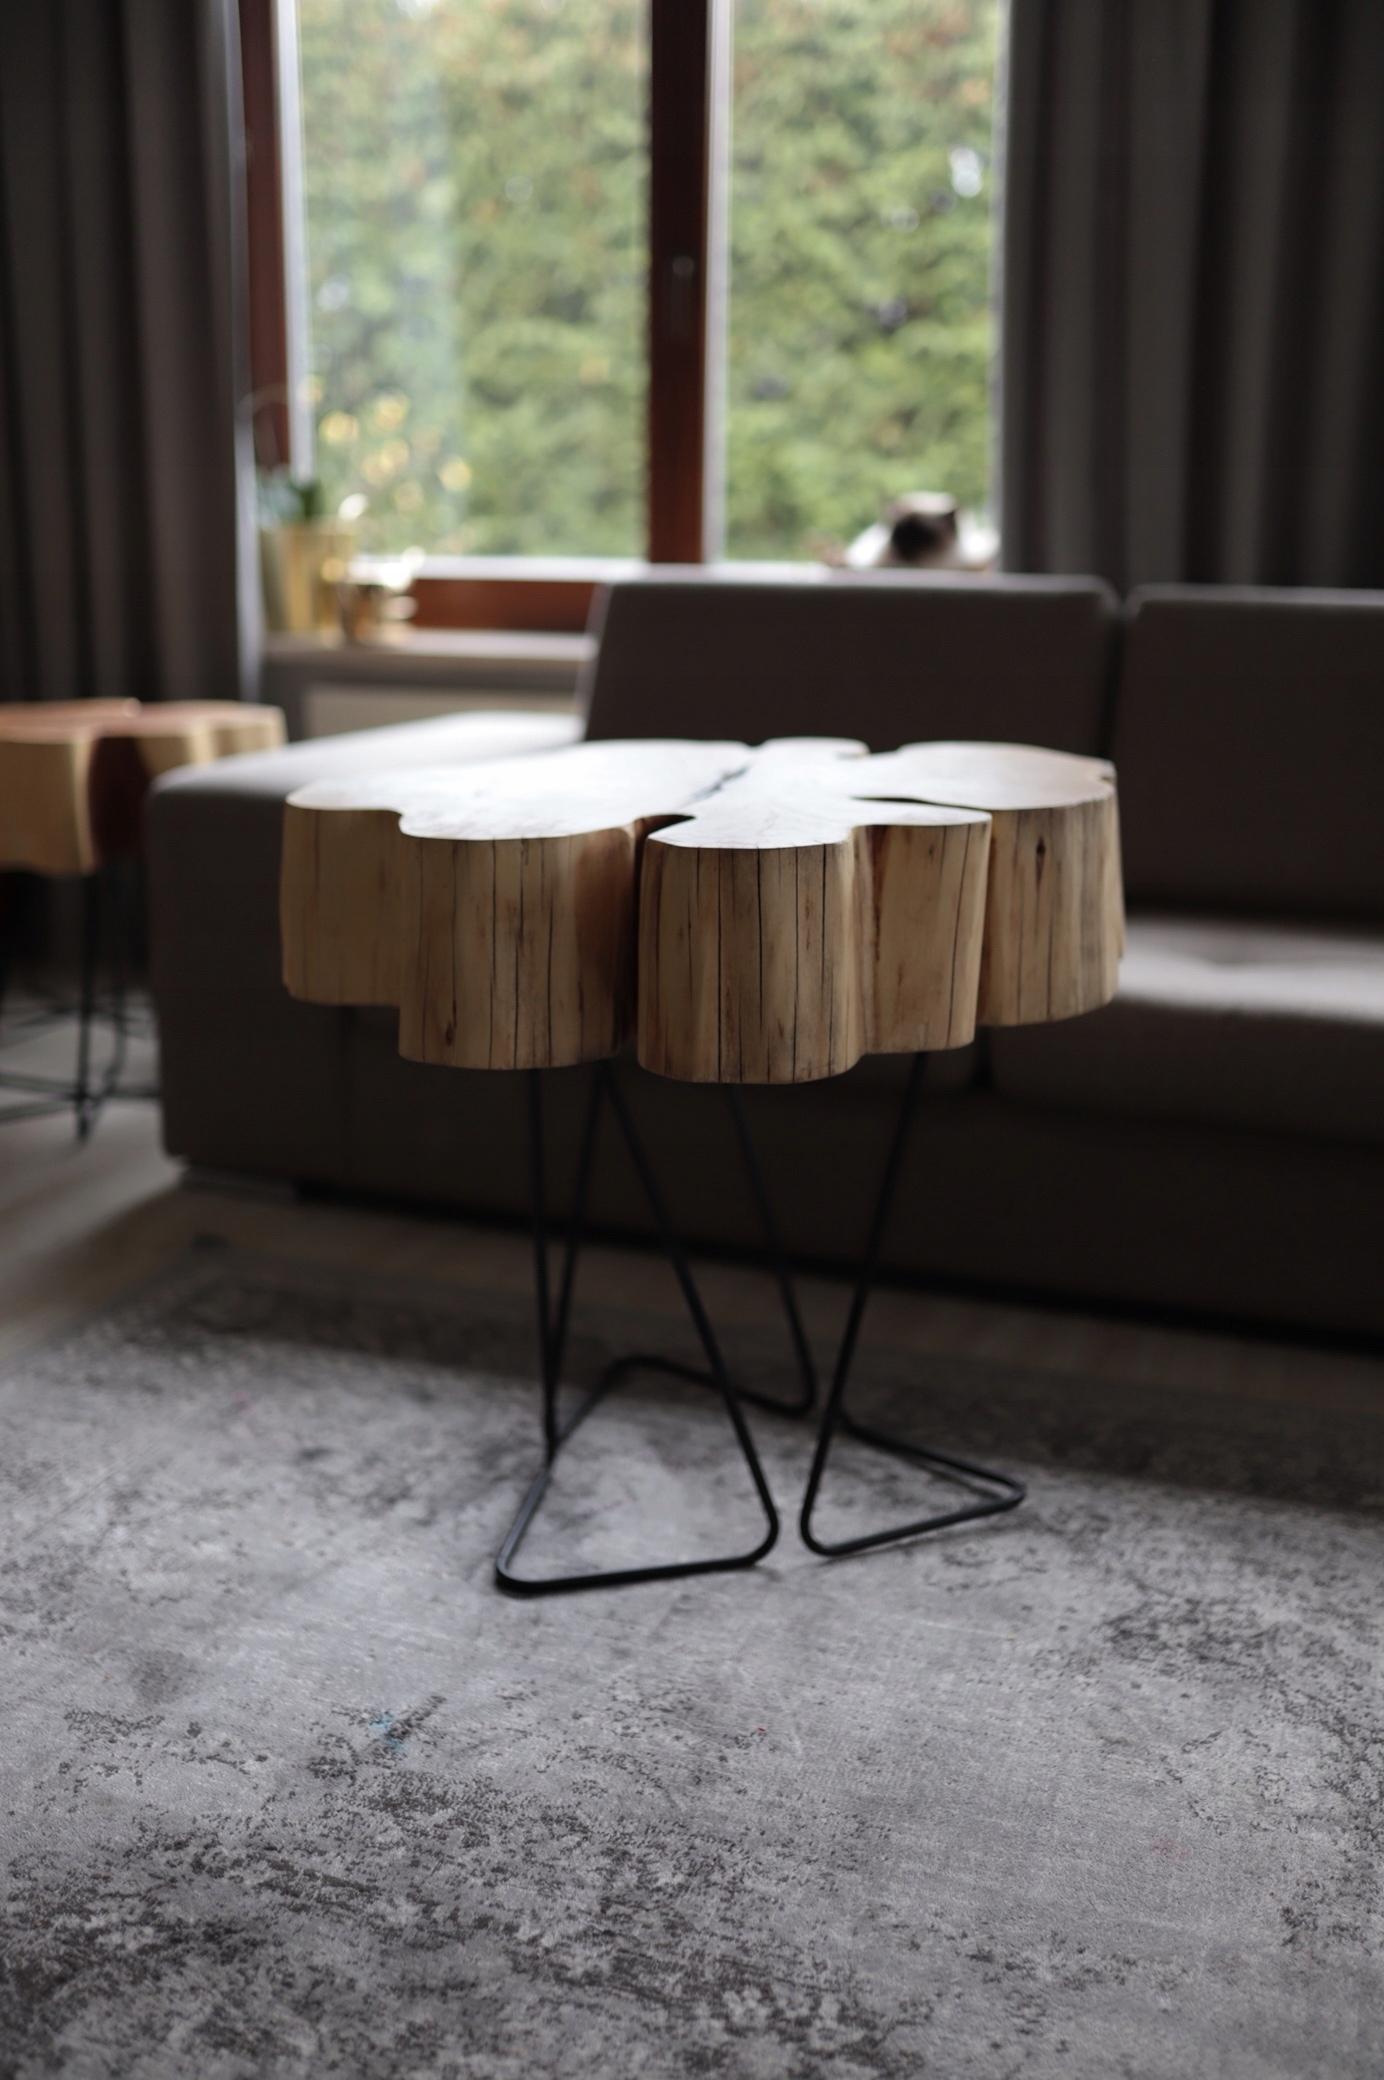 Konferenčný stolík 76A drevený stolík retro obývacia izba